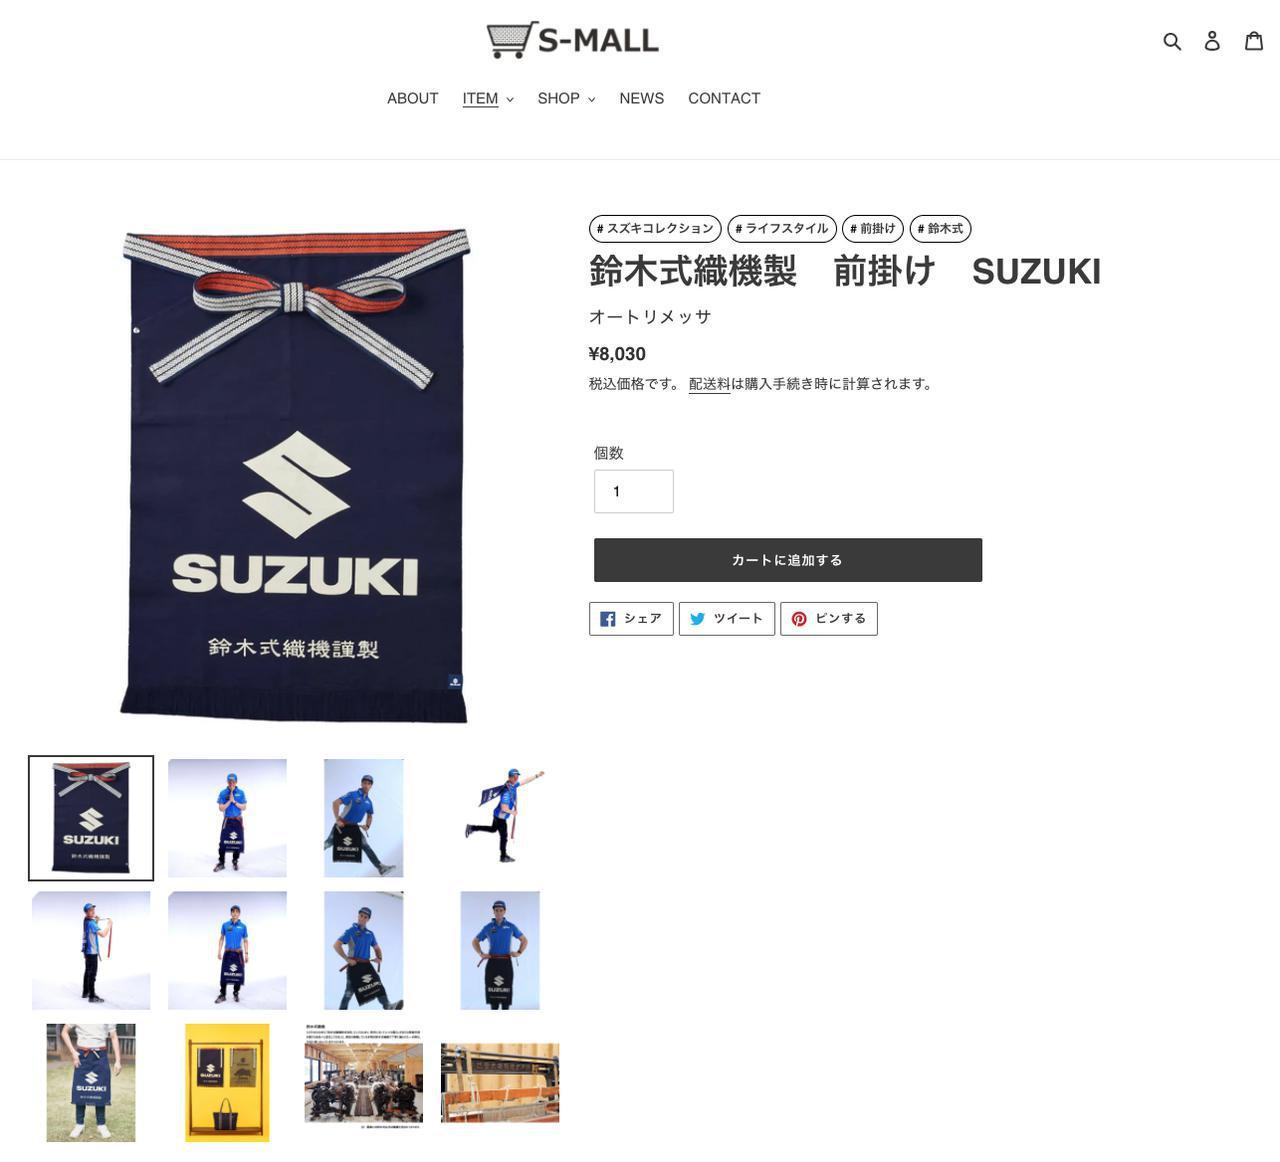 画像: スズキのWEBショッピングサイト「S-MALL」より引用 s-mall.jp